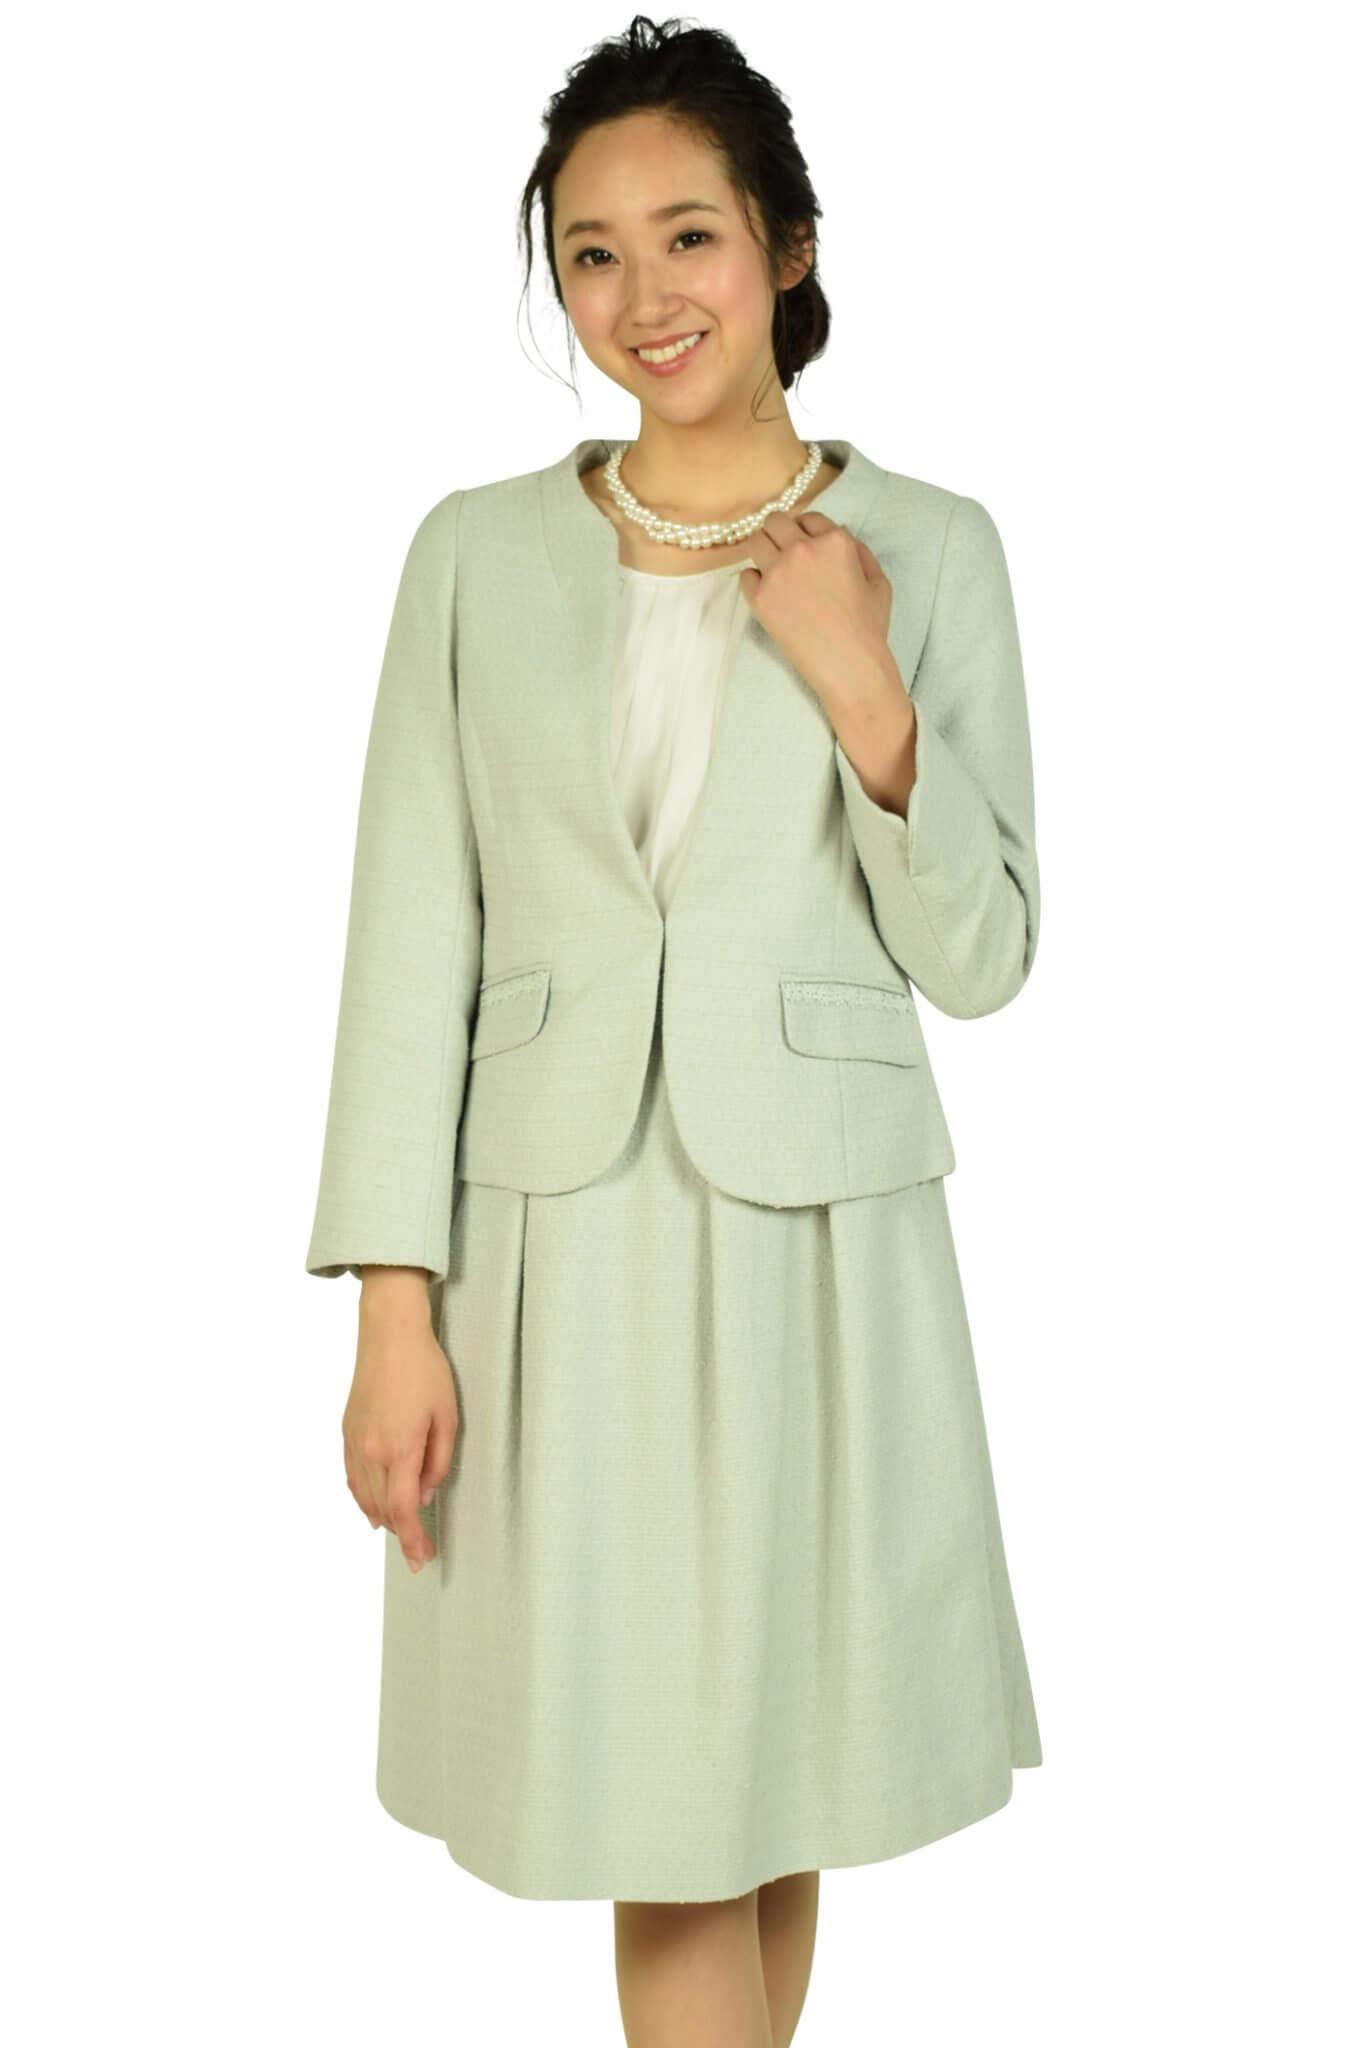 クチュールブローチ (Couture Brooch)ノーカラーミルキーブルースーツセット